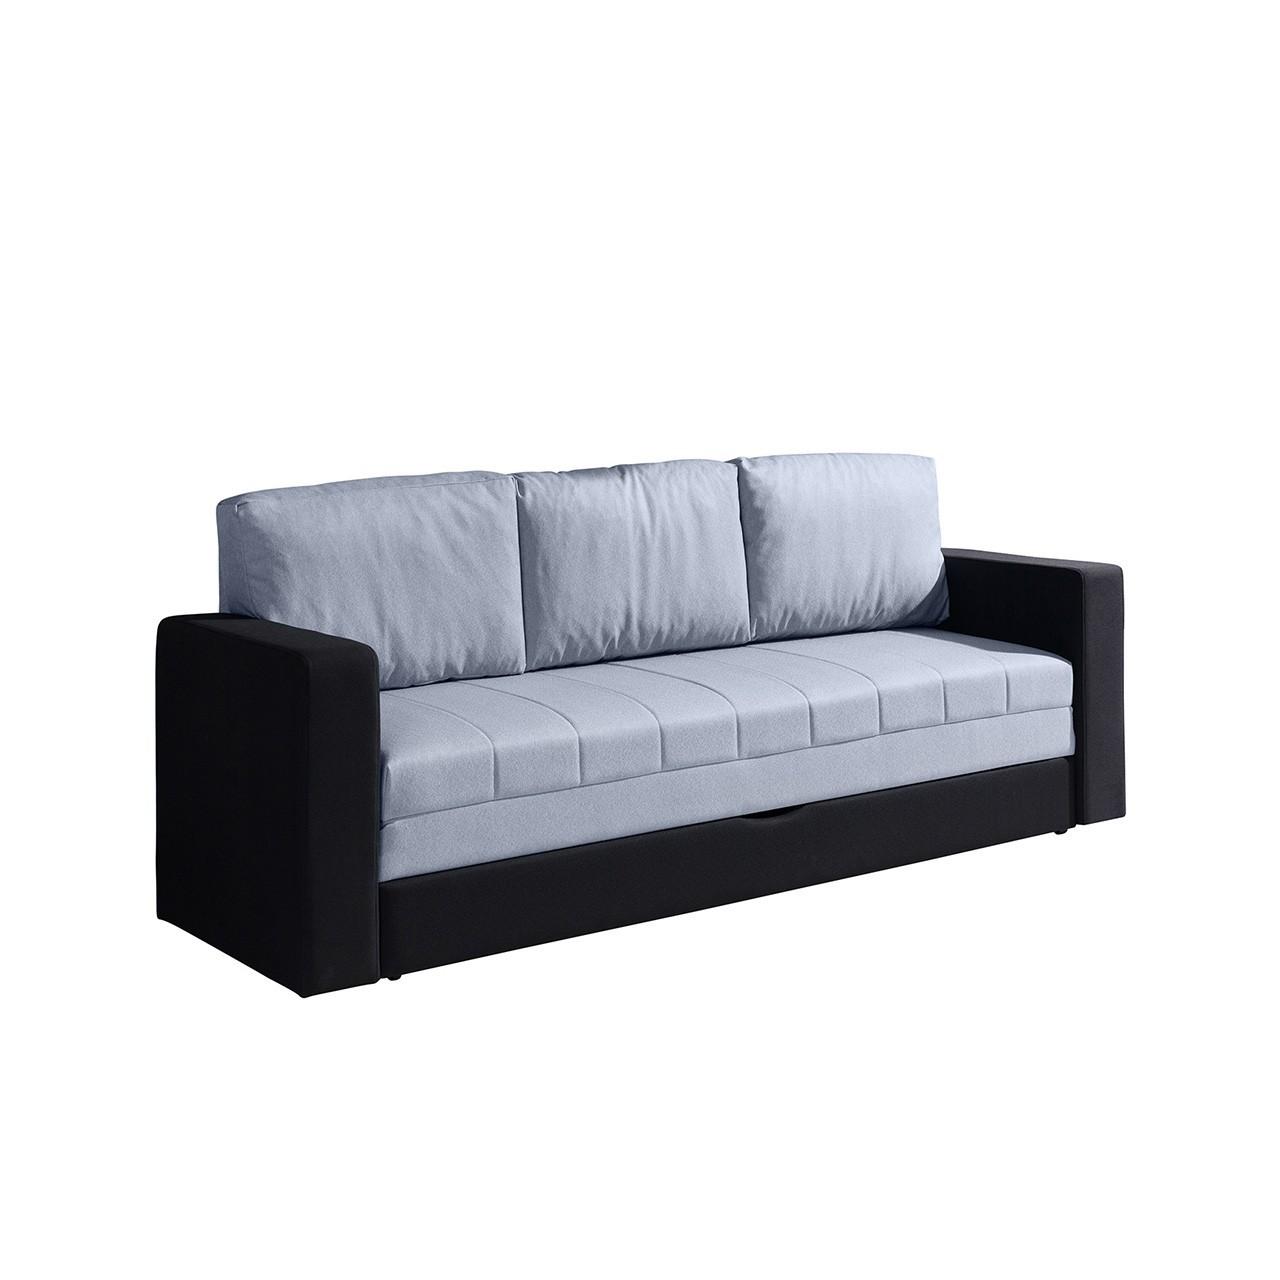 Couch Mit Bettkasten Top Sofa Bettkasten Couch With Couch Mit Bettkasten Cool Ecksofa Sofa